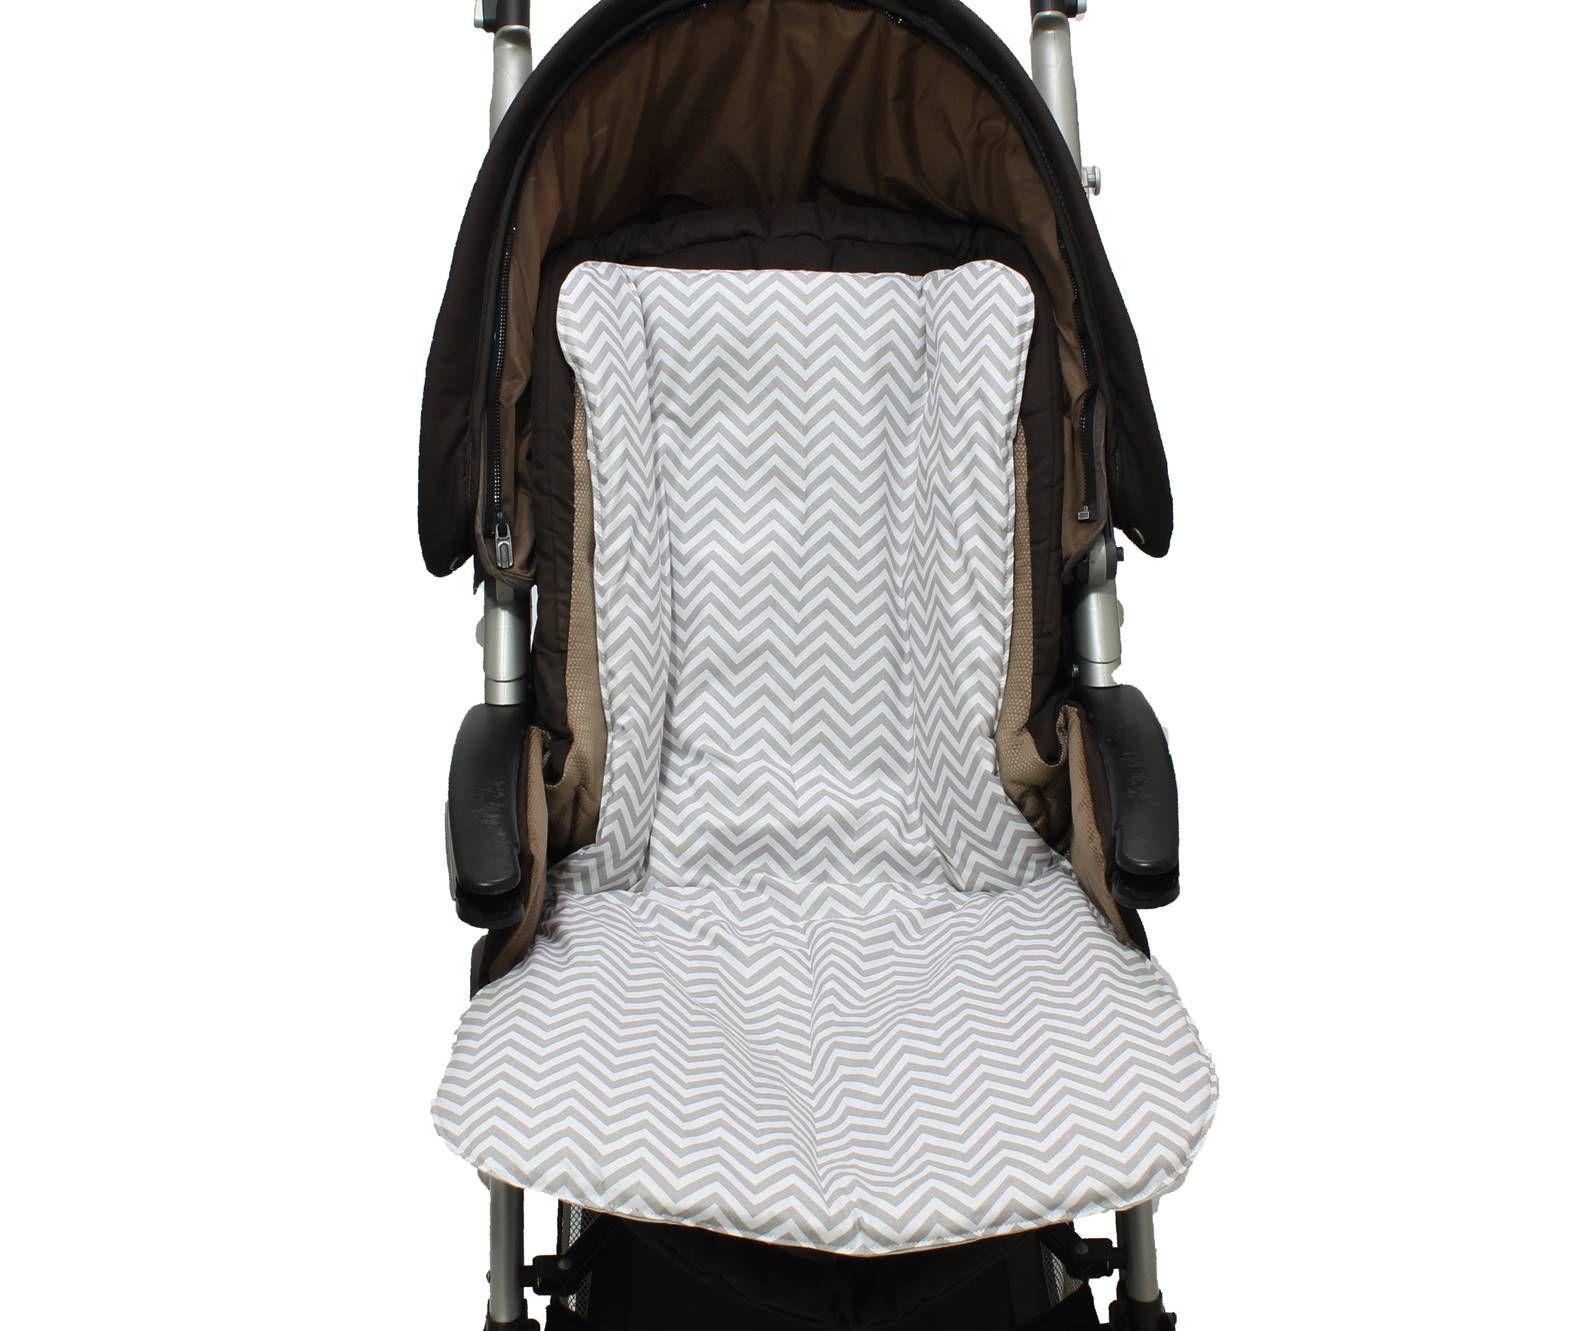 Capa de Carrinho Dupla Face Chevron Cinza  - Toca do Bebê